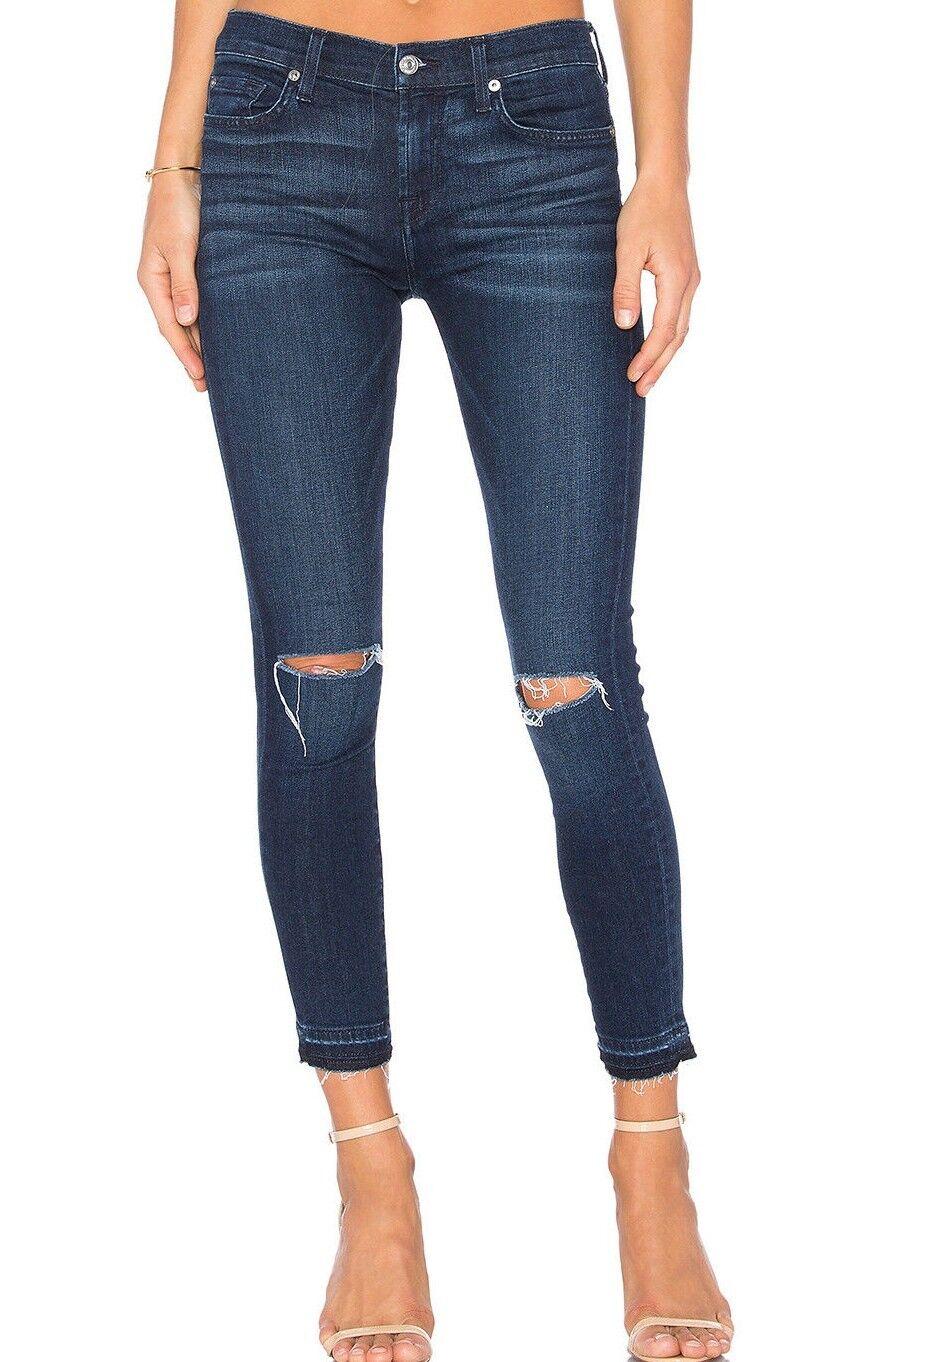 Nwt 7 für Alle Sz27 die Knöchel Skinny Hohe Größe Jeans Stretch